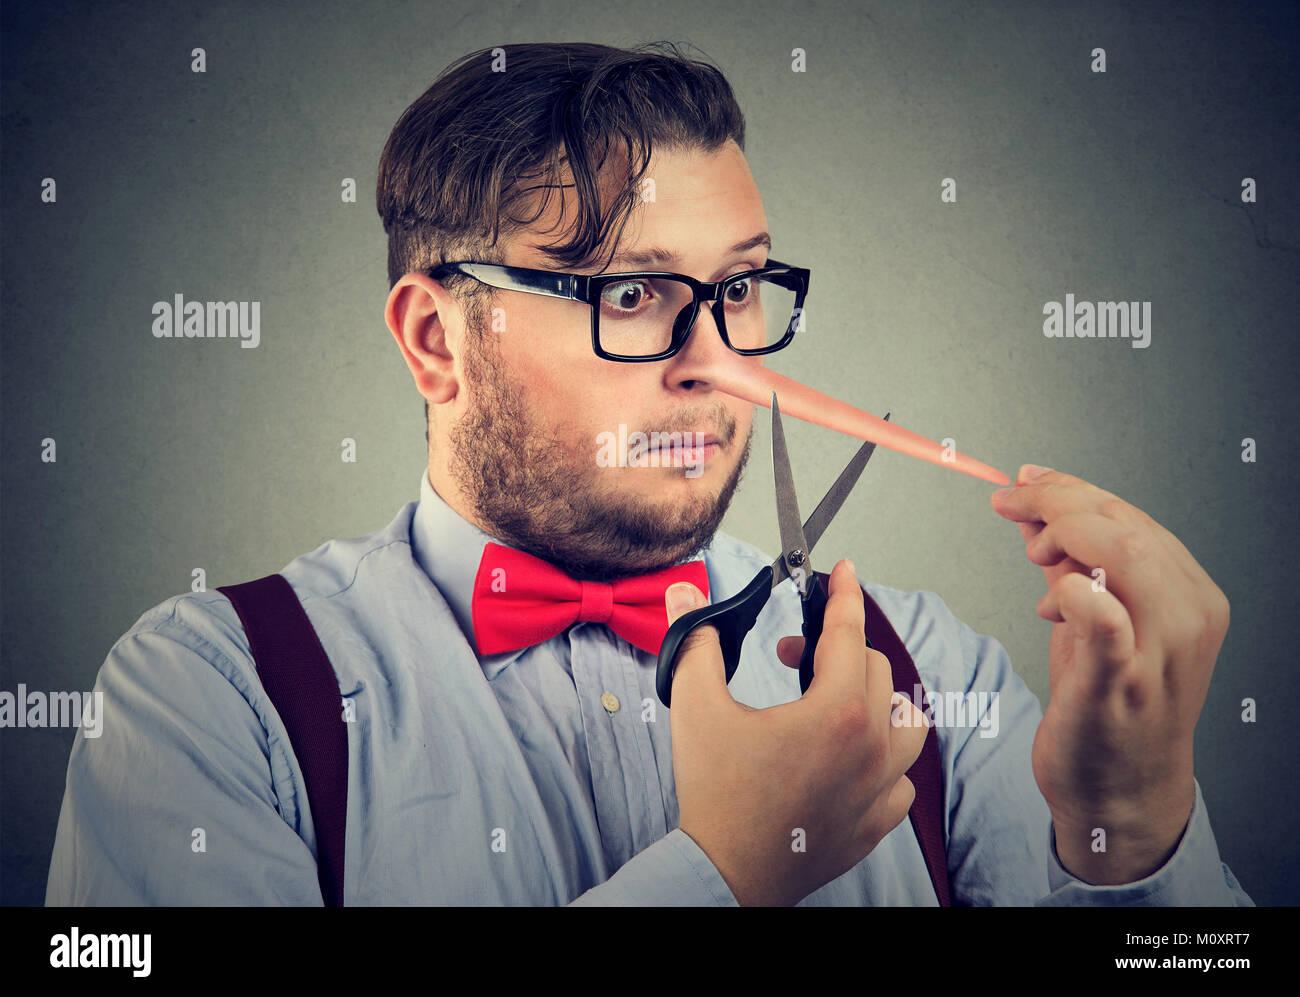 Paffuto uomo avente il naso lungo del bugiardo cercando di tagliarlo e situazione di cambiamento. Immagini Stock